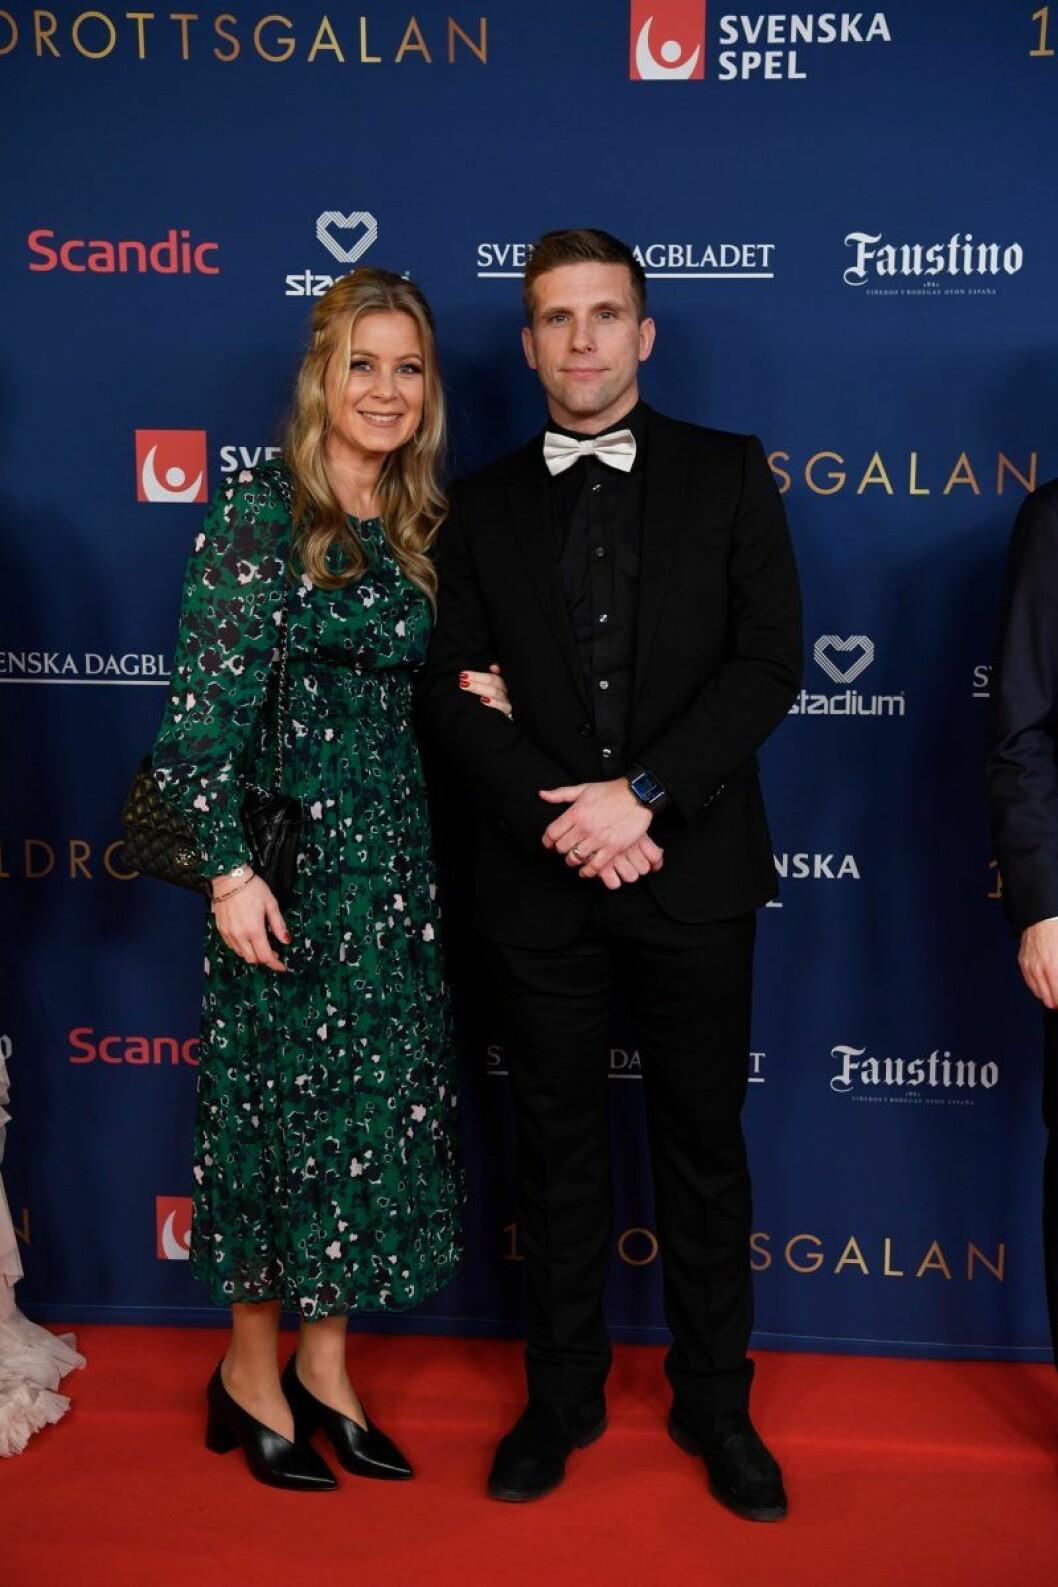 Anders Svensson och Emma Johansson på röda mattan på Idrottsgalan 2020